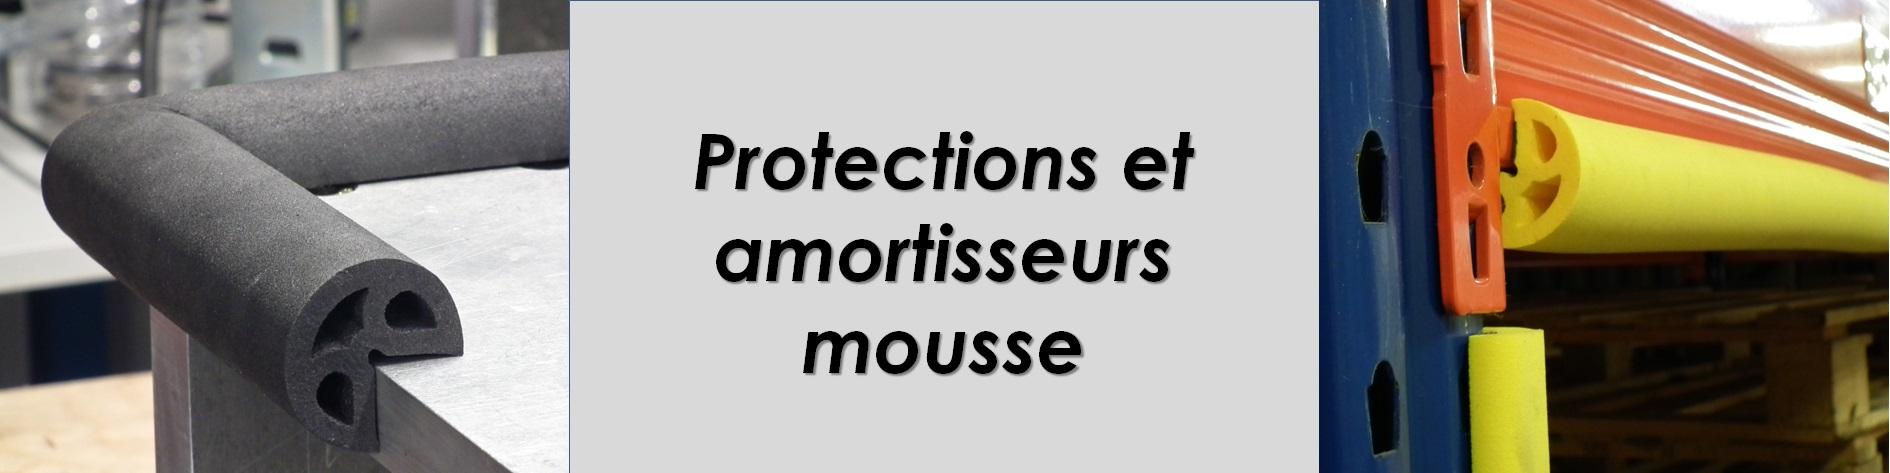 Amortisseur de chocs Mousse